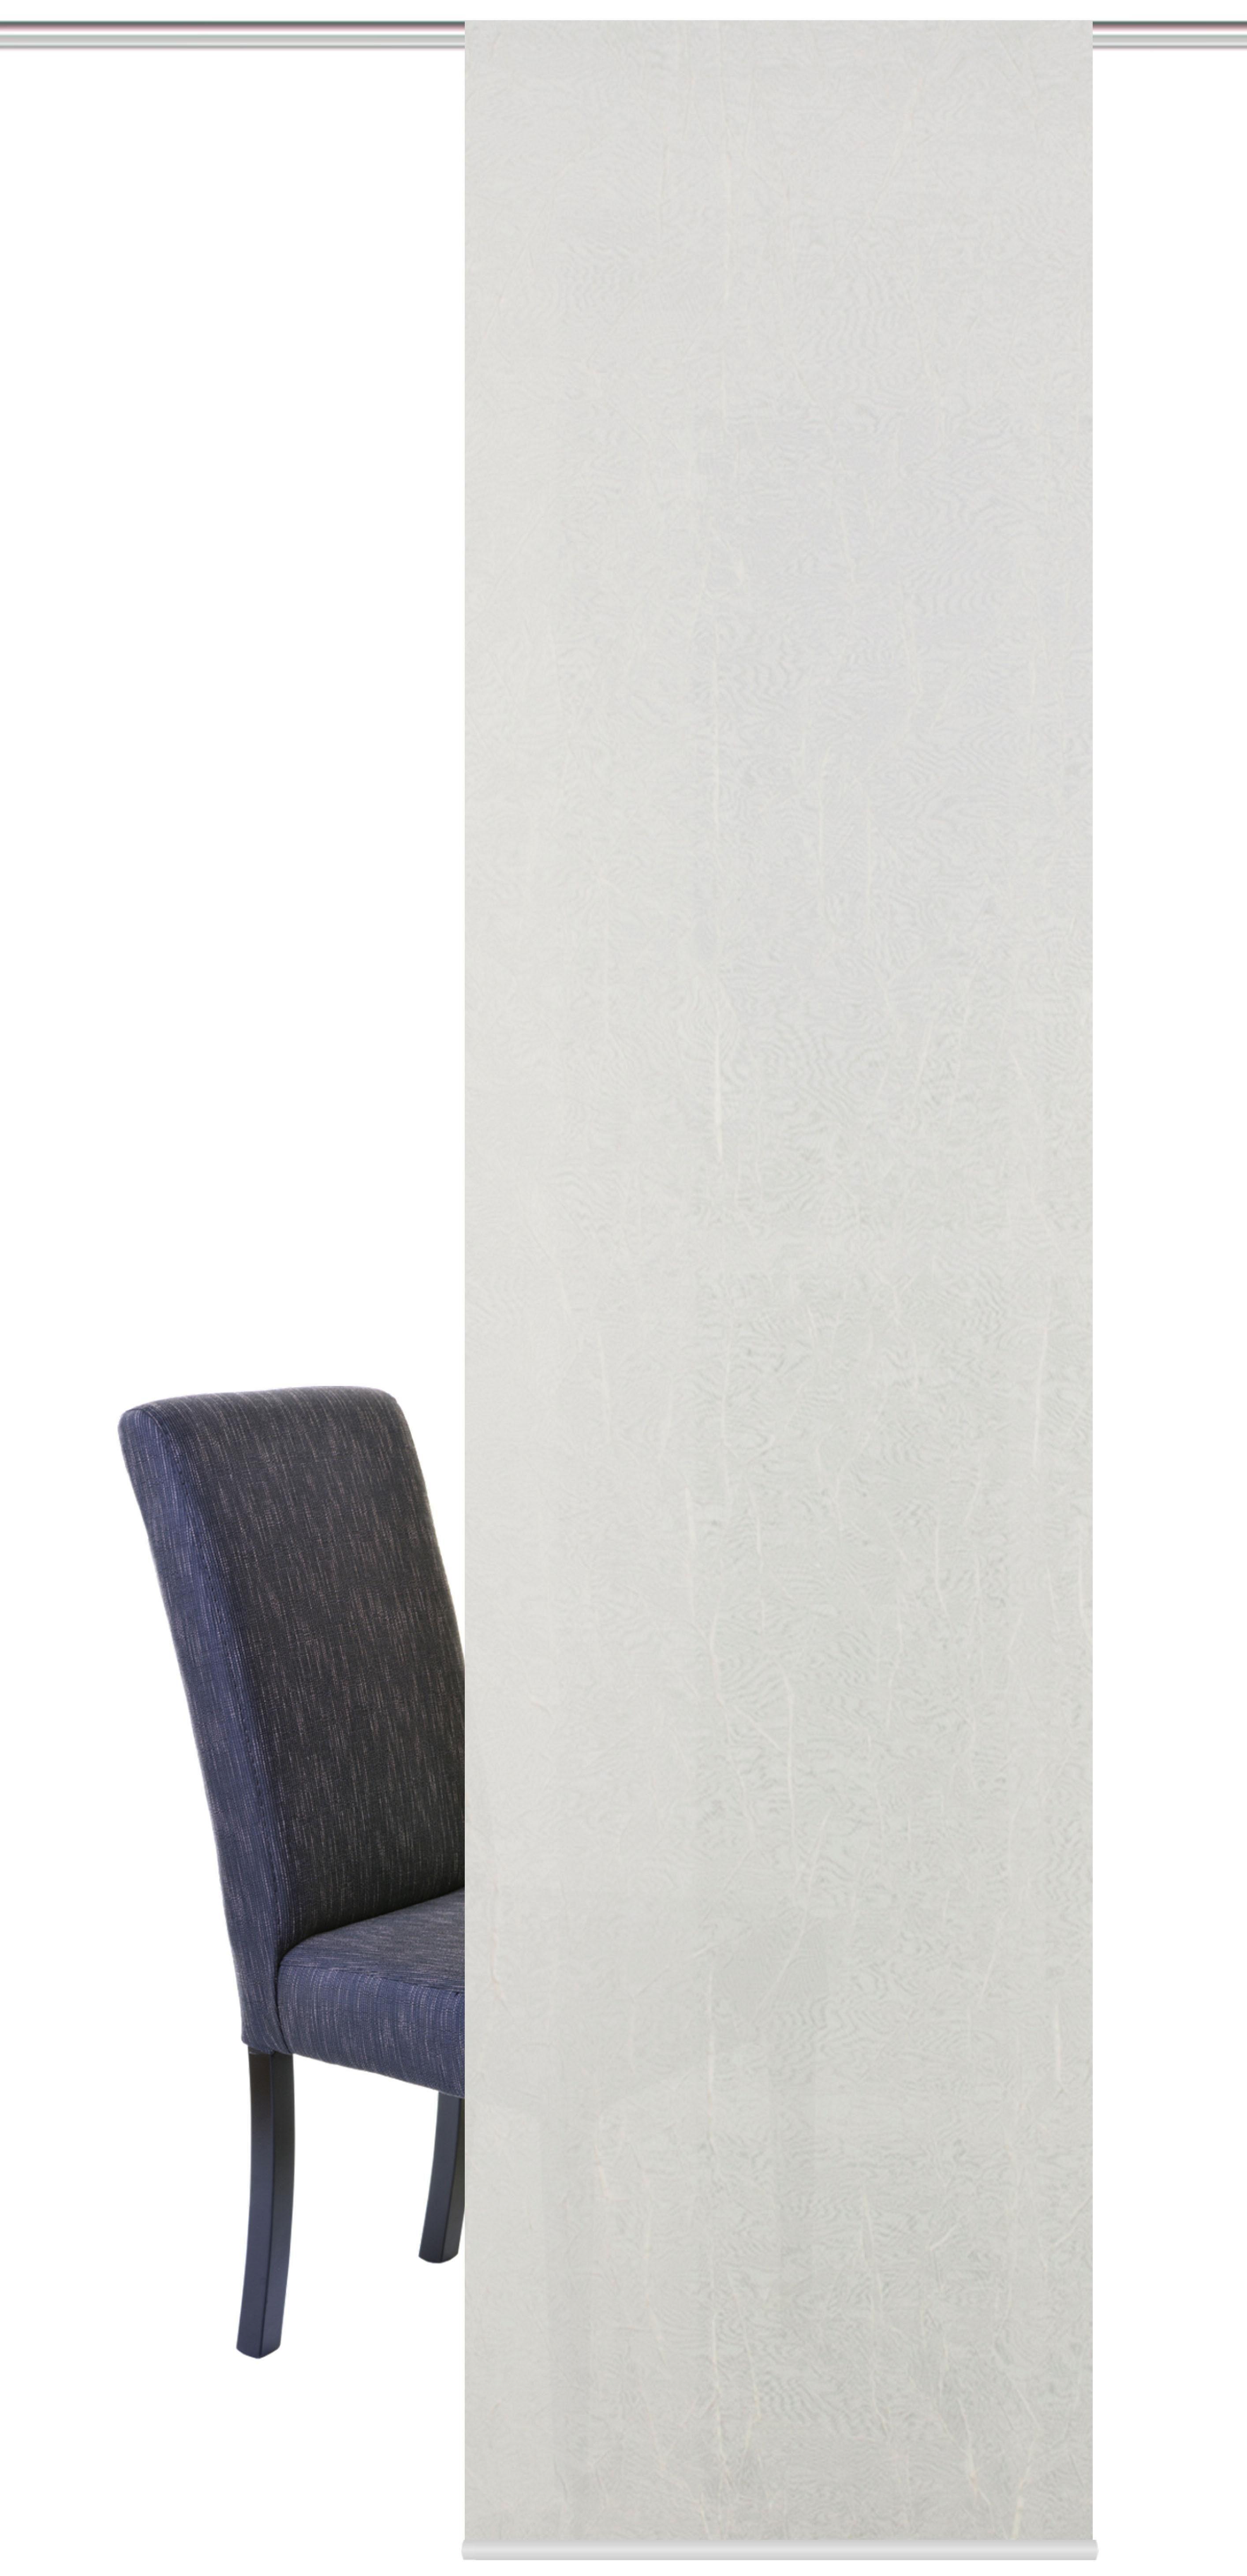 Schiebegardine »KASCHI«, HOME WOHNIDEEN, Klettband (1 Stück), inkl. Befestigungszubehör